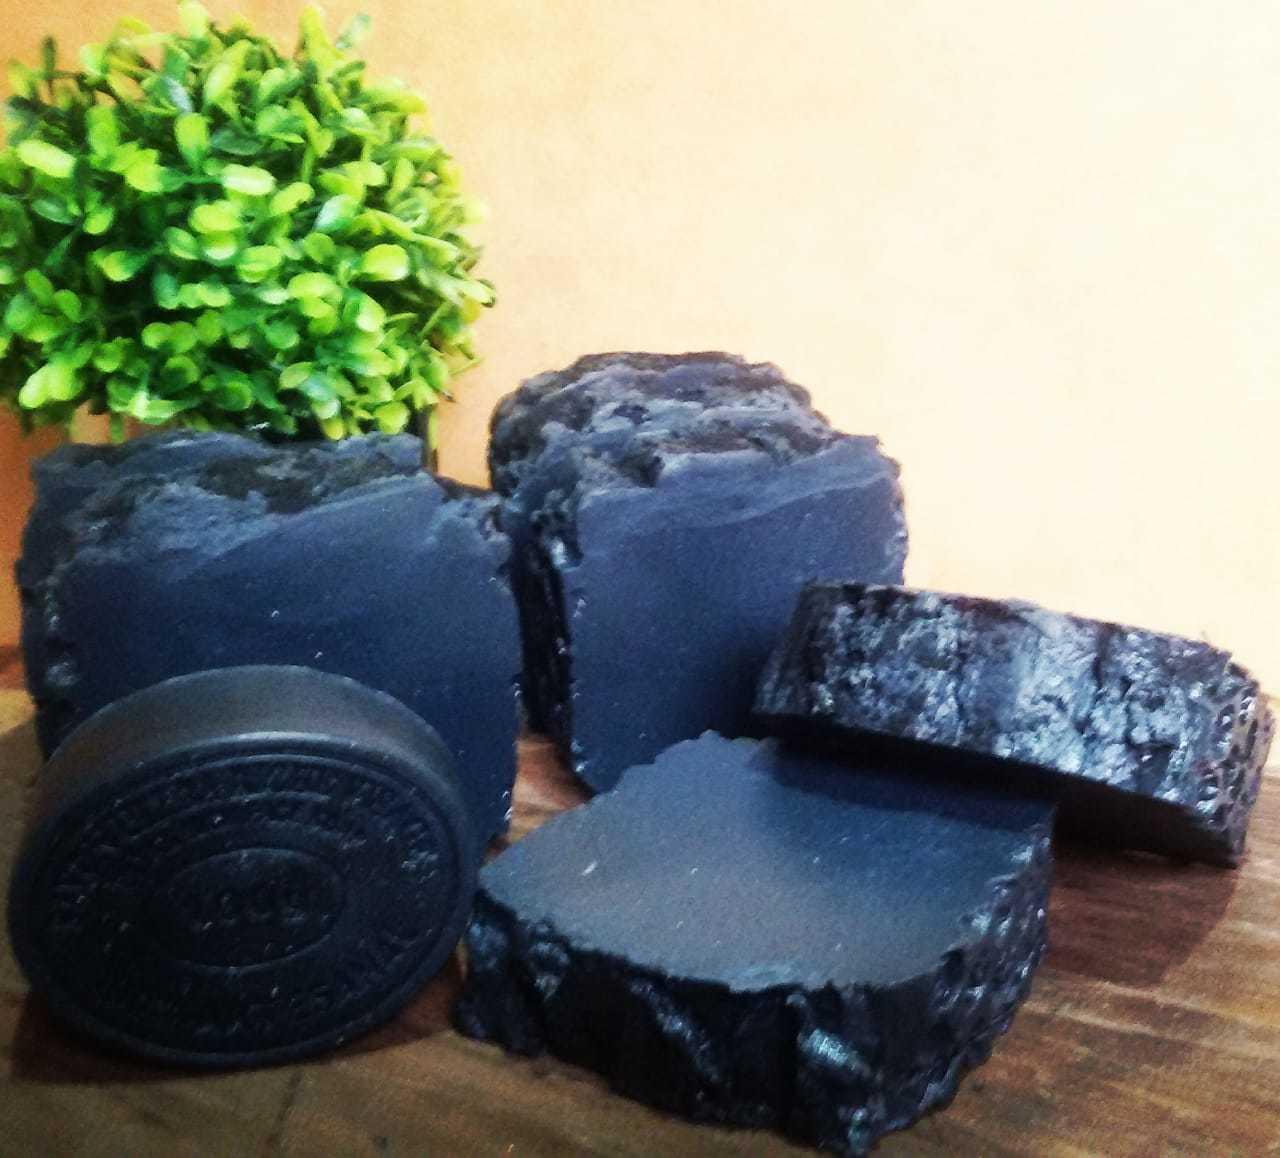 Sabonetes de carvão ativado. (Foto: Morgana Cosméticos Artesanais)